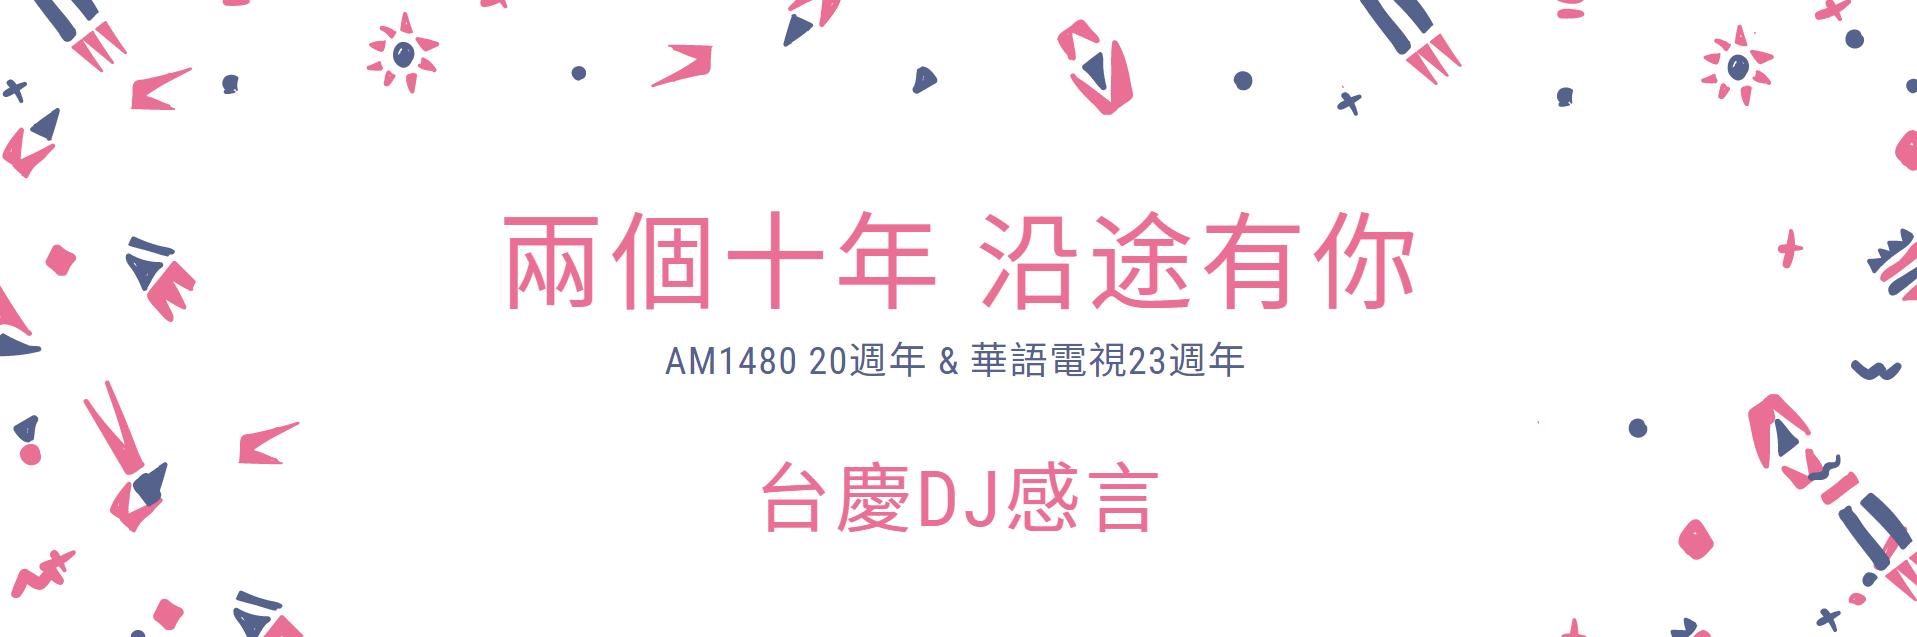 台慶DJ感言